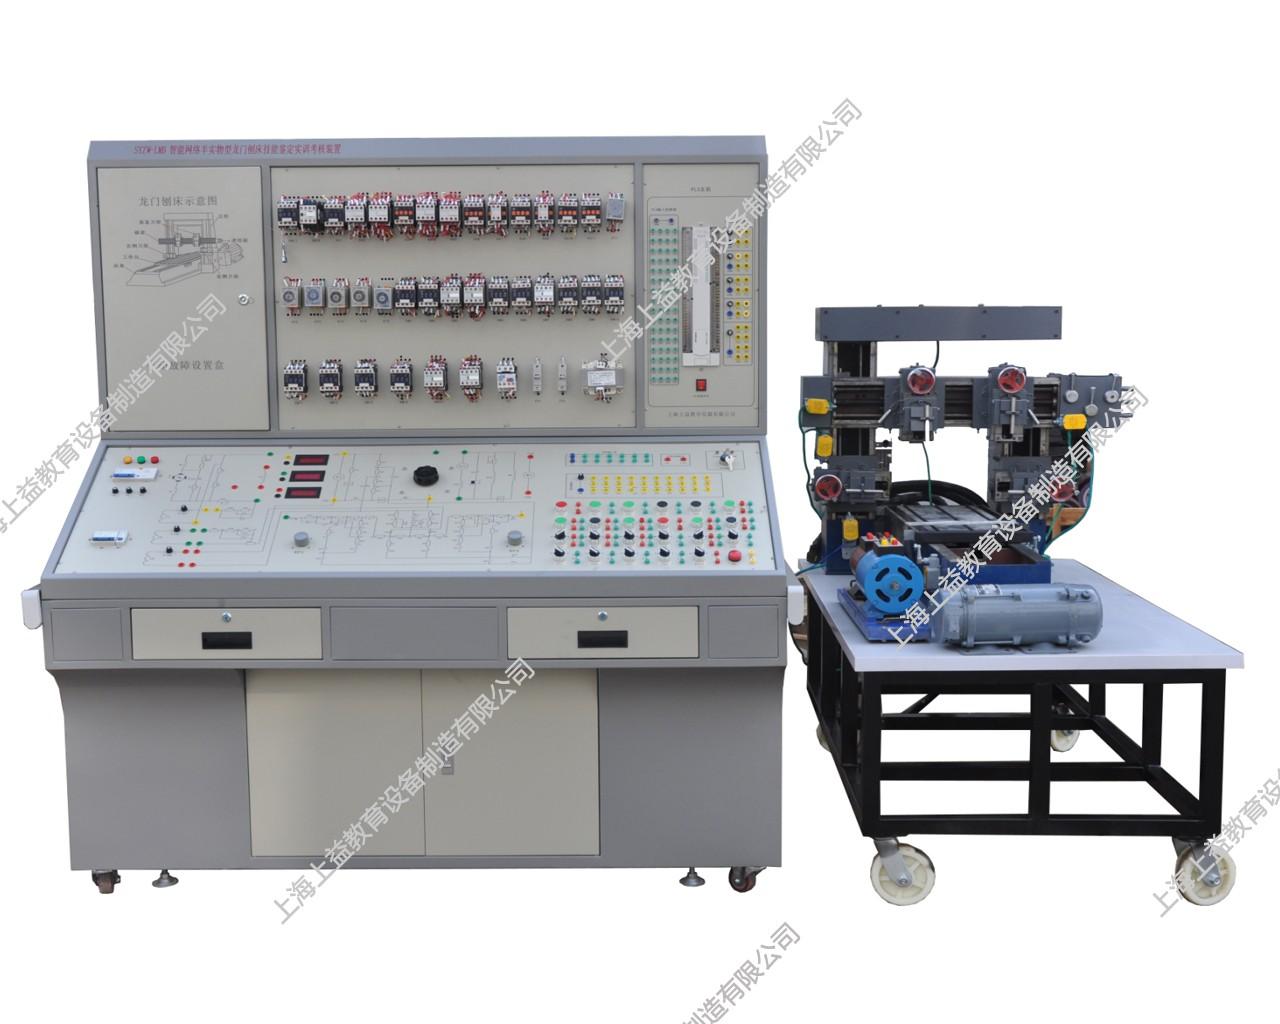 SYBS-LMB1型 龙门刨床电气技能wwwlehu8viplehu68vip装置(半实物、扩大机型、三套机组)